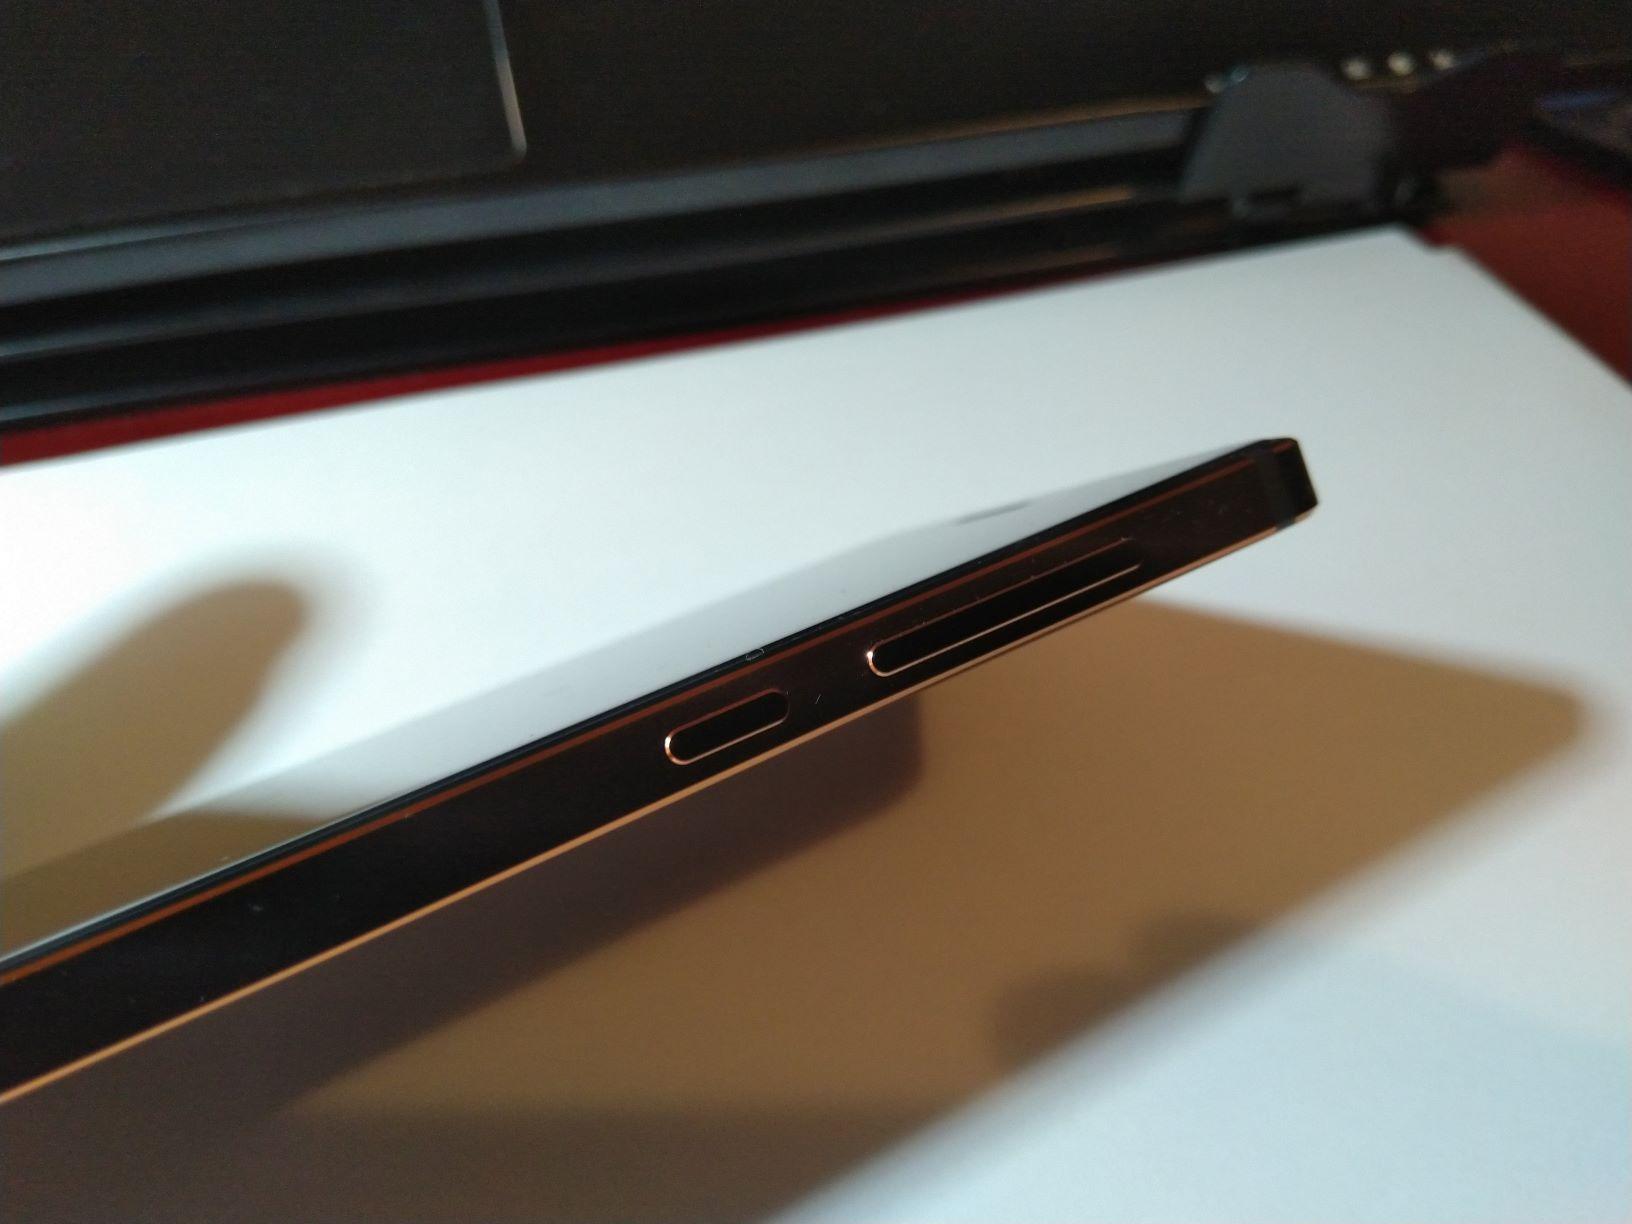 Nokia 6.1, análisis. Un teléfono bonito y potente, pero un tanto irregular 3